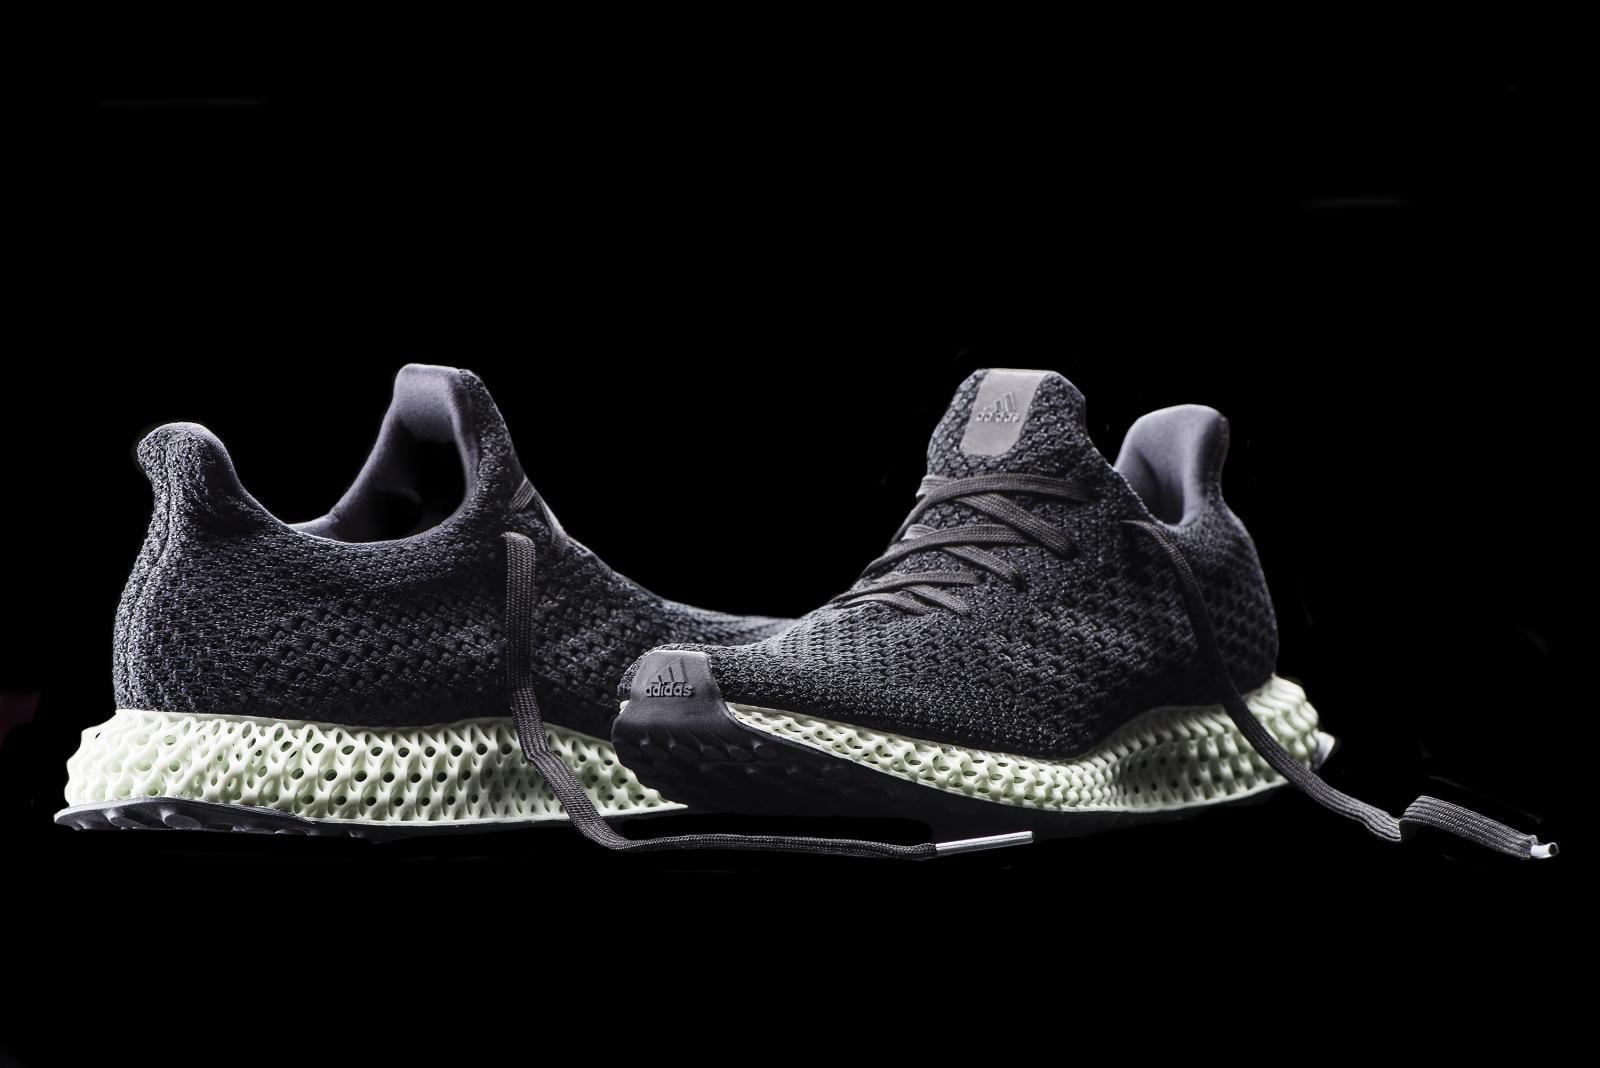 footwear has a 3D-printed sole